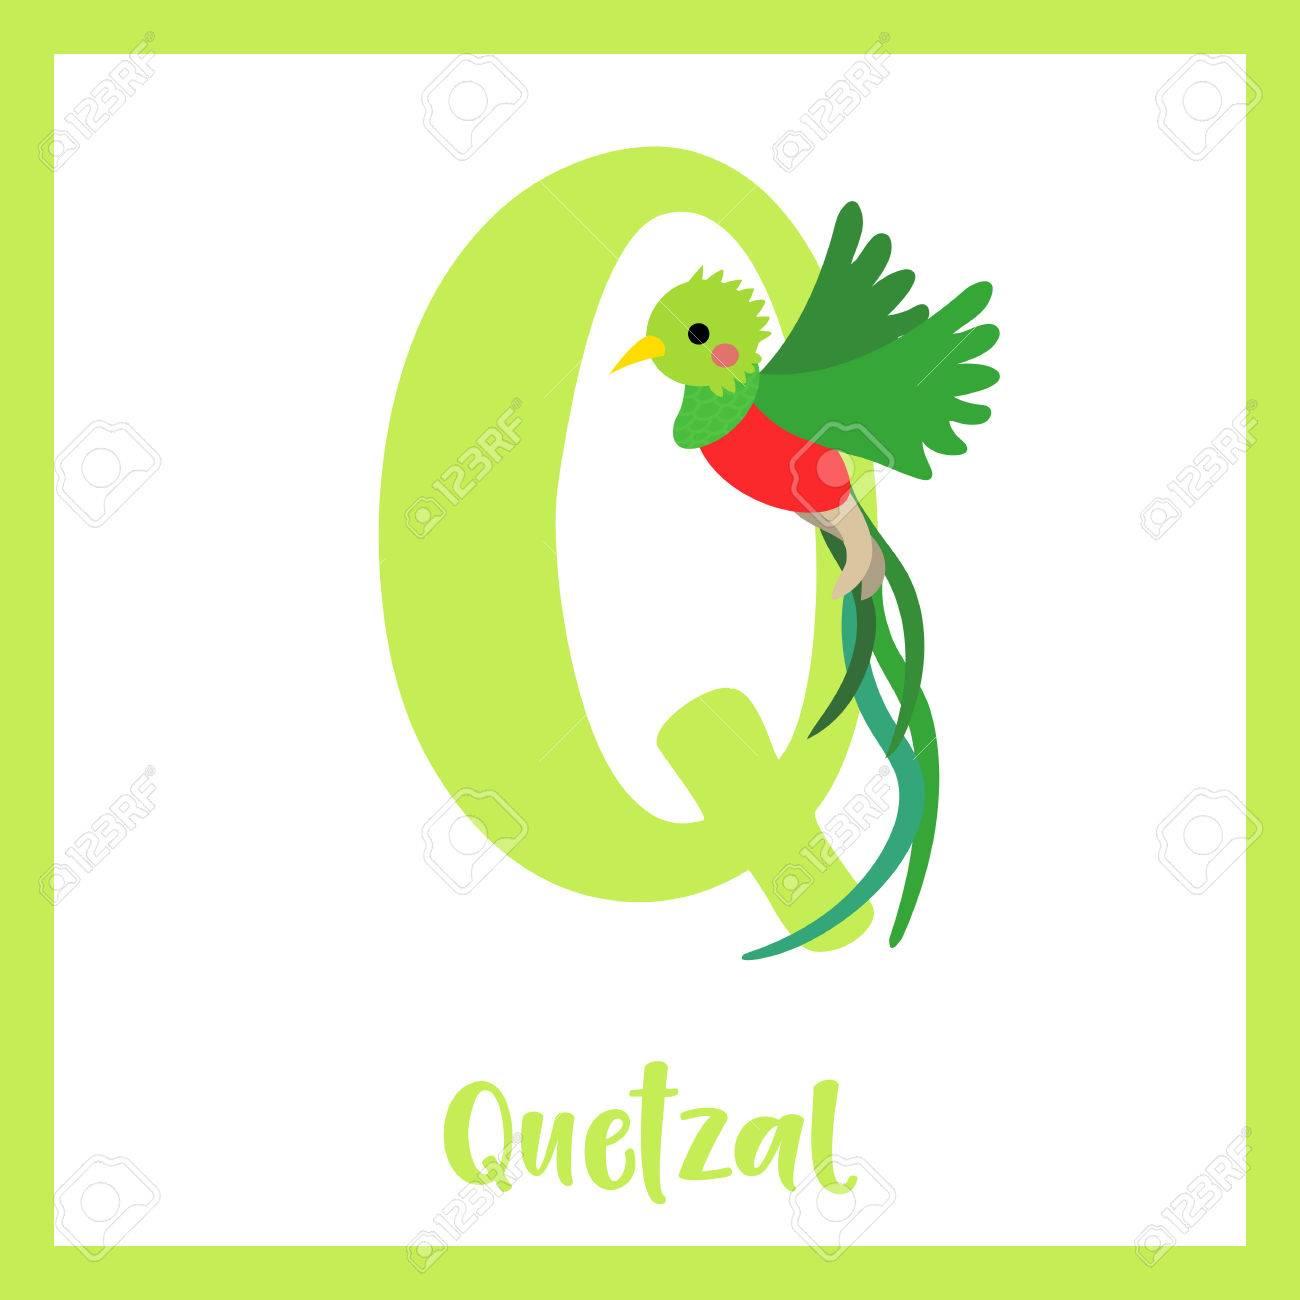 Q 文字語彙。飛んでいるケツァール鳥。かわいい子供たち ABC 動物園アルファベット フラッシュ カード。面白い漫画の動物。Abc  教育を子供たちには。英語の語彙を学習します。ベクトルの図。